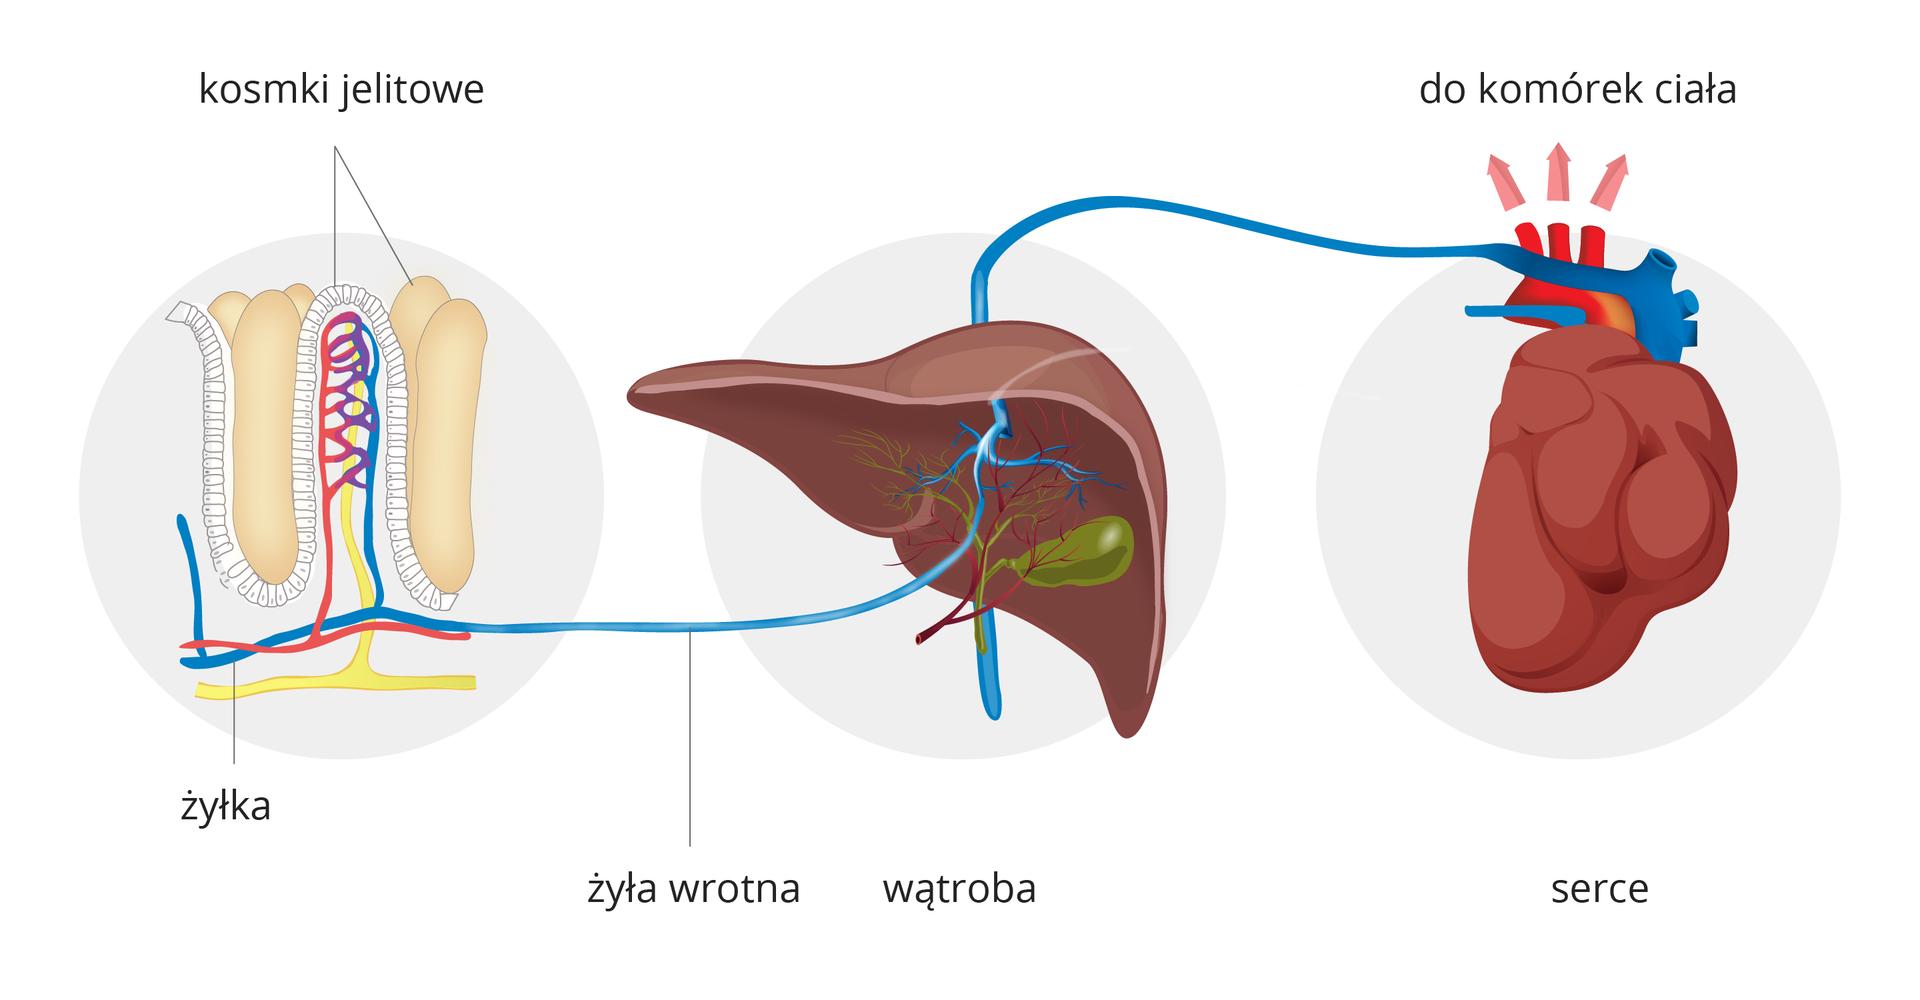 Ilustracja przedstawia schematycznie drogę strawionego pokarmu do komórek ciała. Na tle trzech szarych kół narządy człowieka. Od lewej kosmki jelitowe wprzekroju. Tu do żył inaczyń limfatycznych wchłaniane są składniki pokarmowe. Od kosmka błękitna żyłka biegnie do wątroby, podpisana jako żyła wrotna. Zwątroby żyłami krew dociera do serca. Różowe strzałki nad łukiem aorty wskazują, że składniki pokarmowe wchłonięte wjelitach trafiają do komórek ciała.